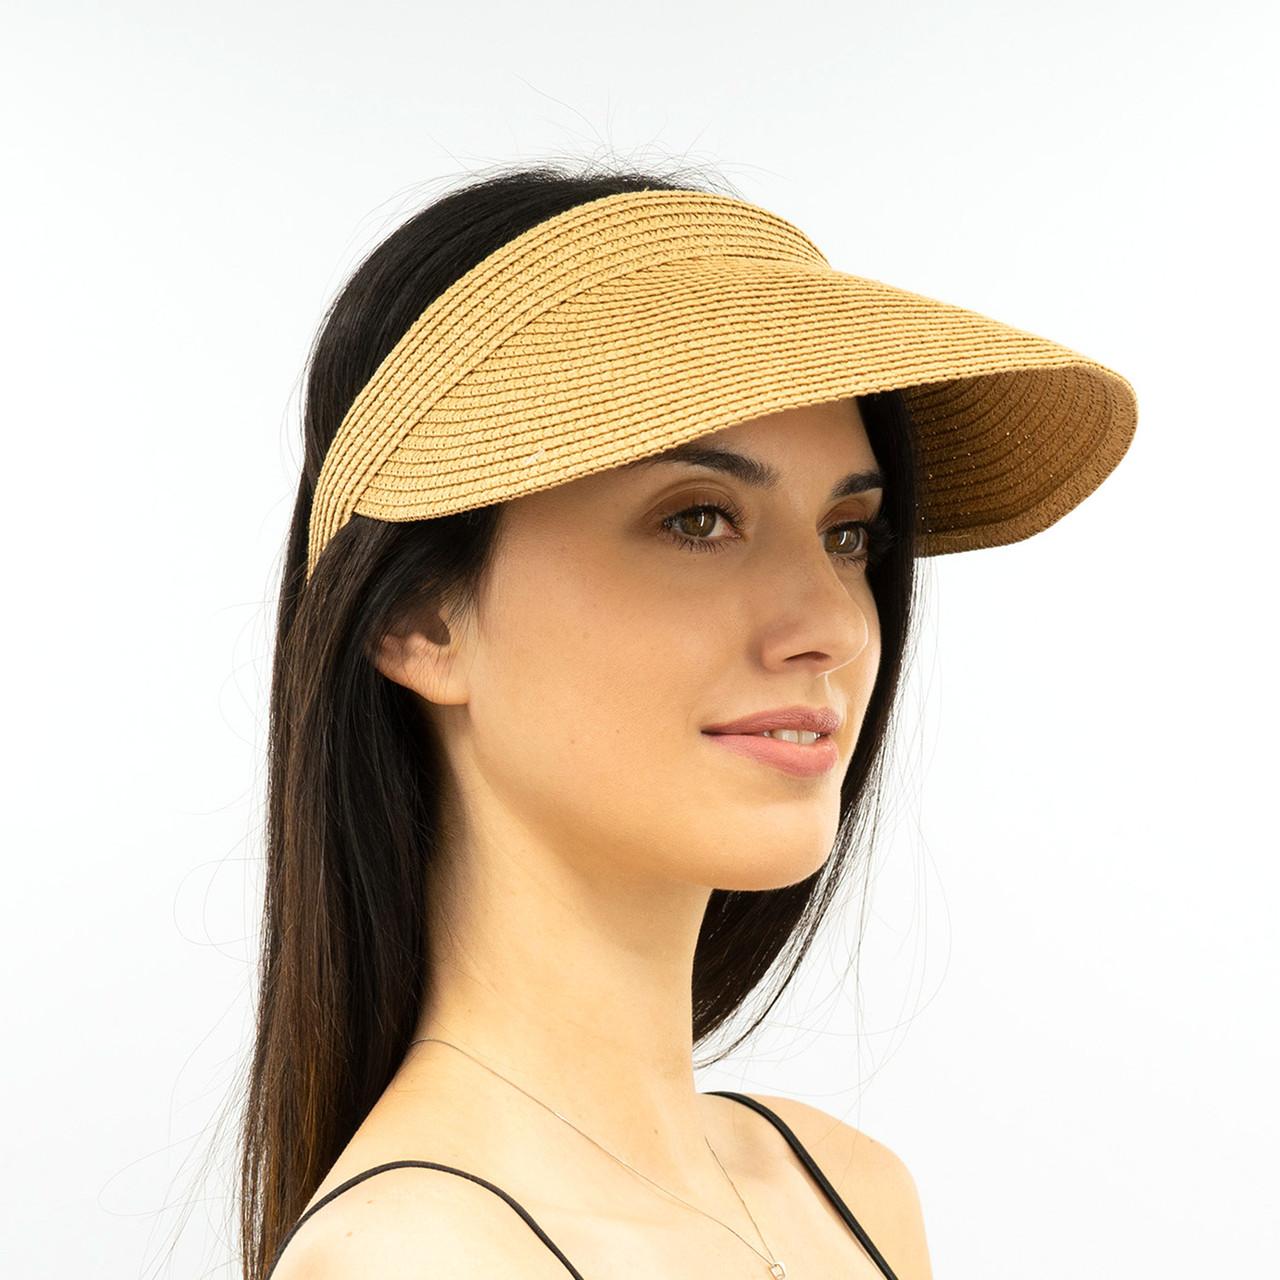 Шляпа женская Marmilen Обруч Без банта темно бежевая( 1001-03 )